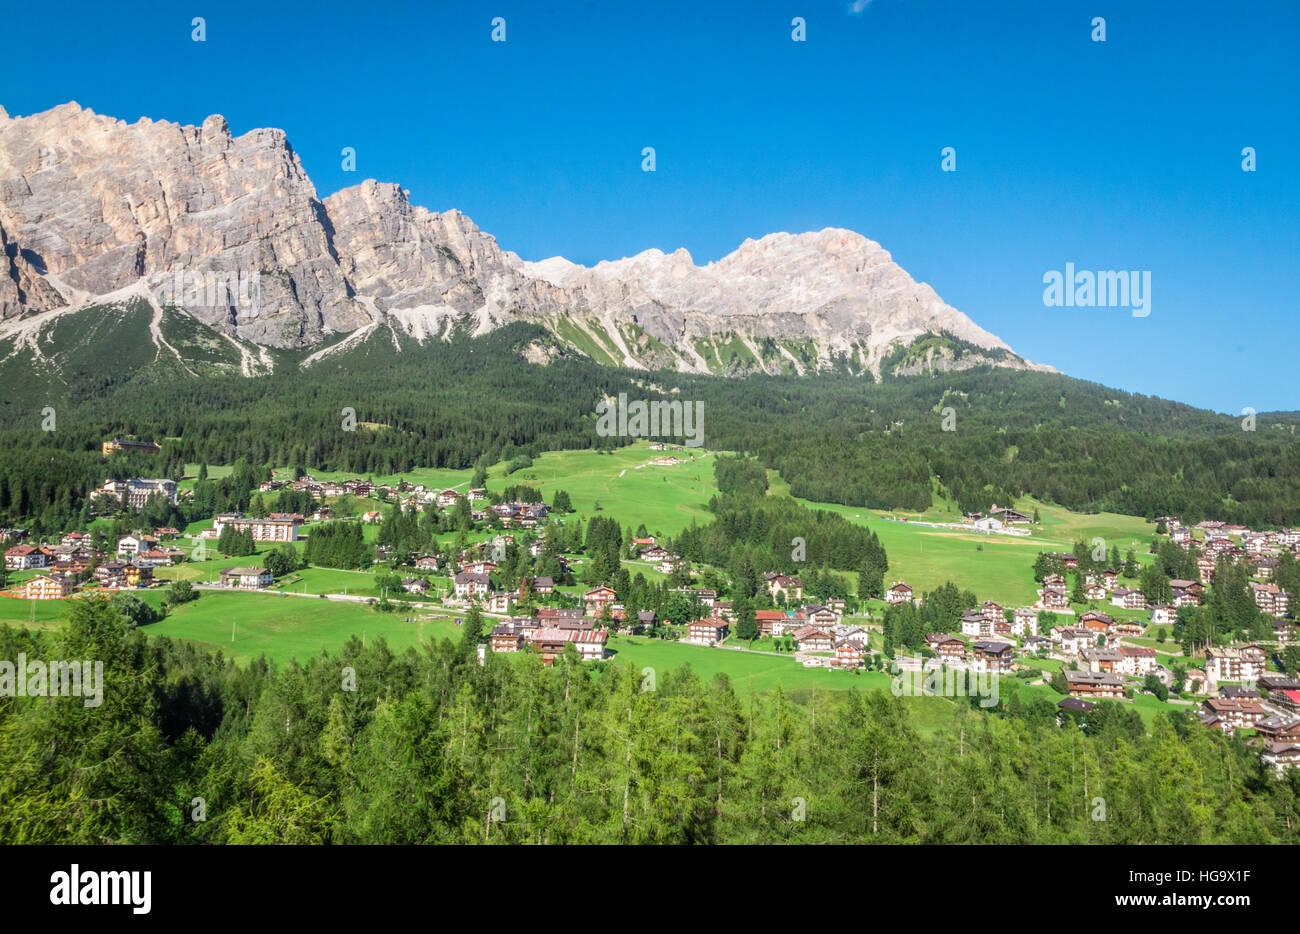 Cortina d'Ampezzo in the Italian Alps - Stock Image